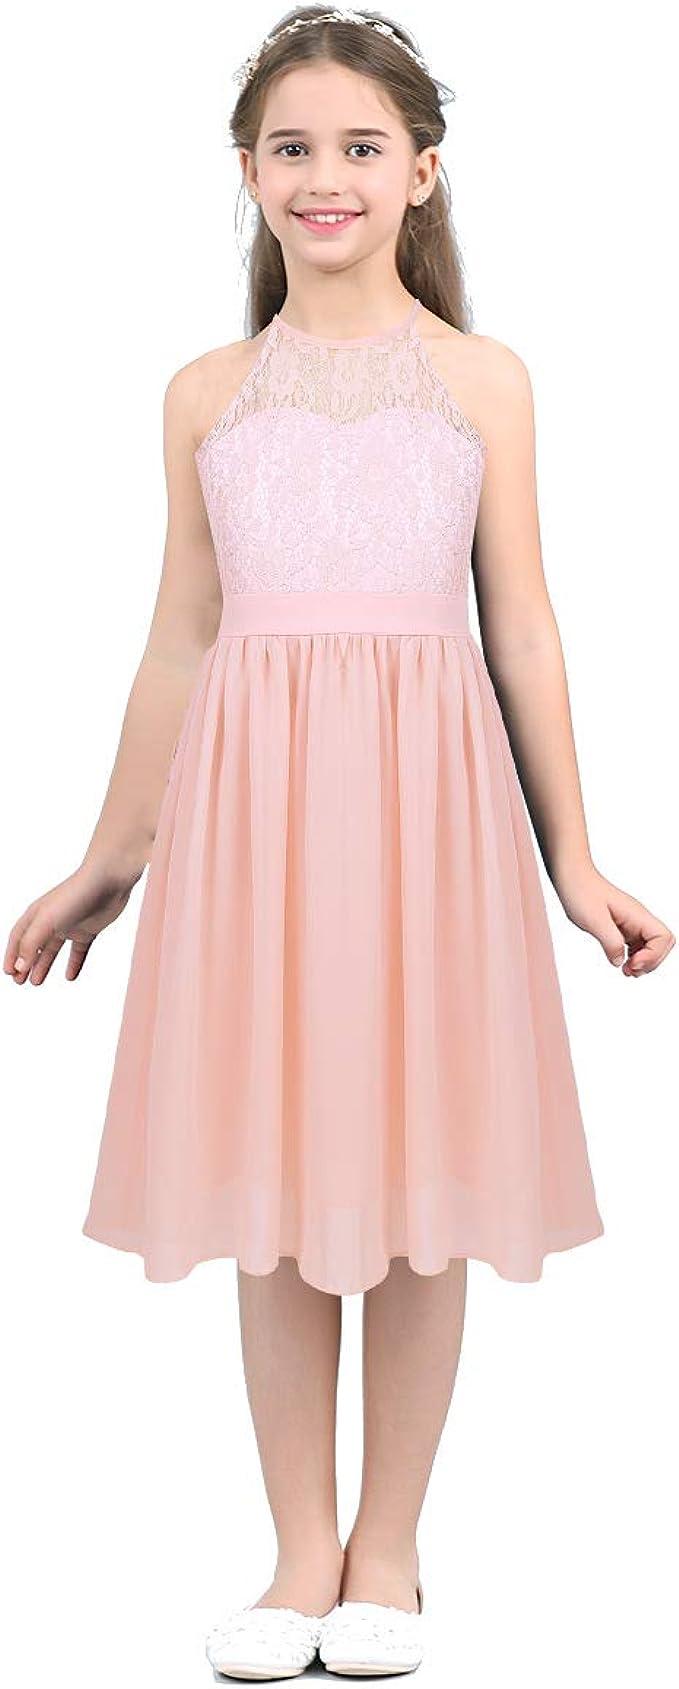 dPois Mädchen Neckholder Kleid Festlich Partykleid Spitze Oberteil Chiffon  Rock Blumenmädchenkleid Taufkleid für Abend Geburtstag Gr.16-16